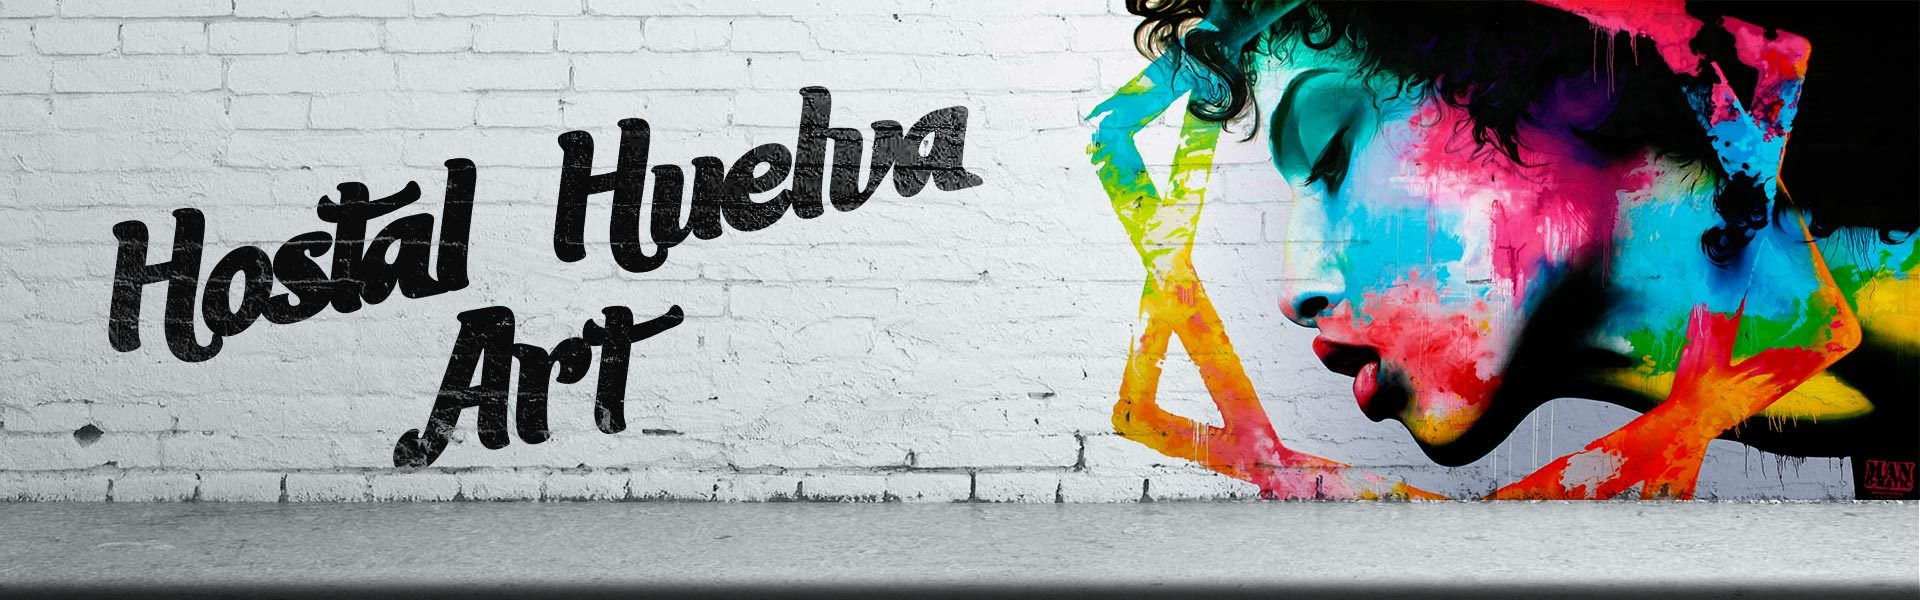 Hostal Huelva Art